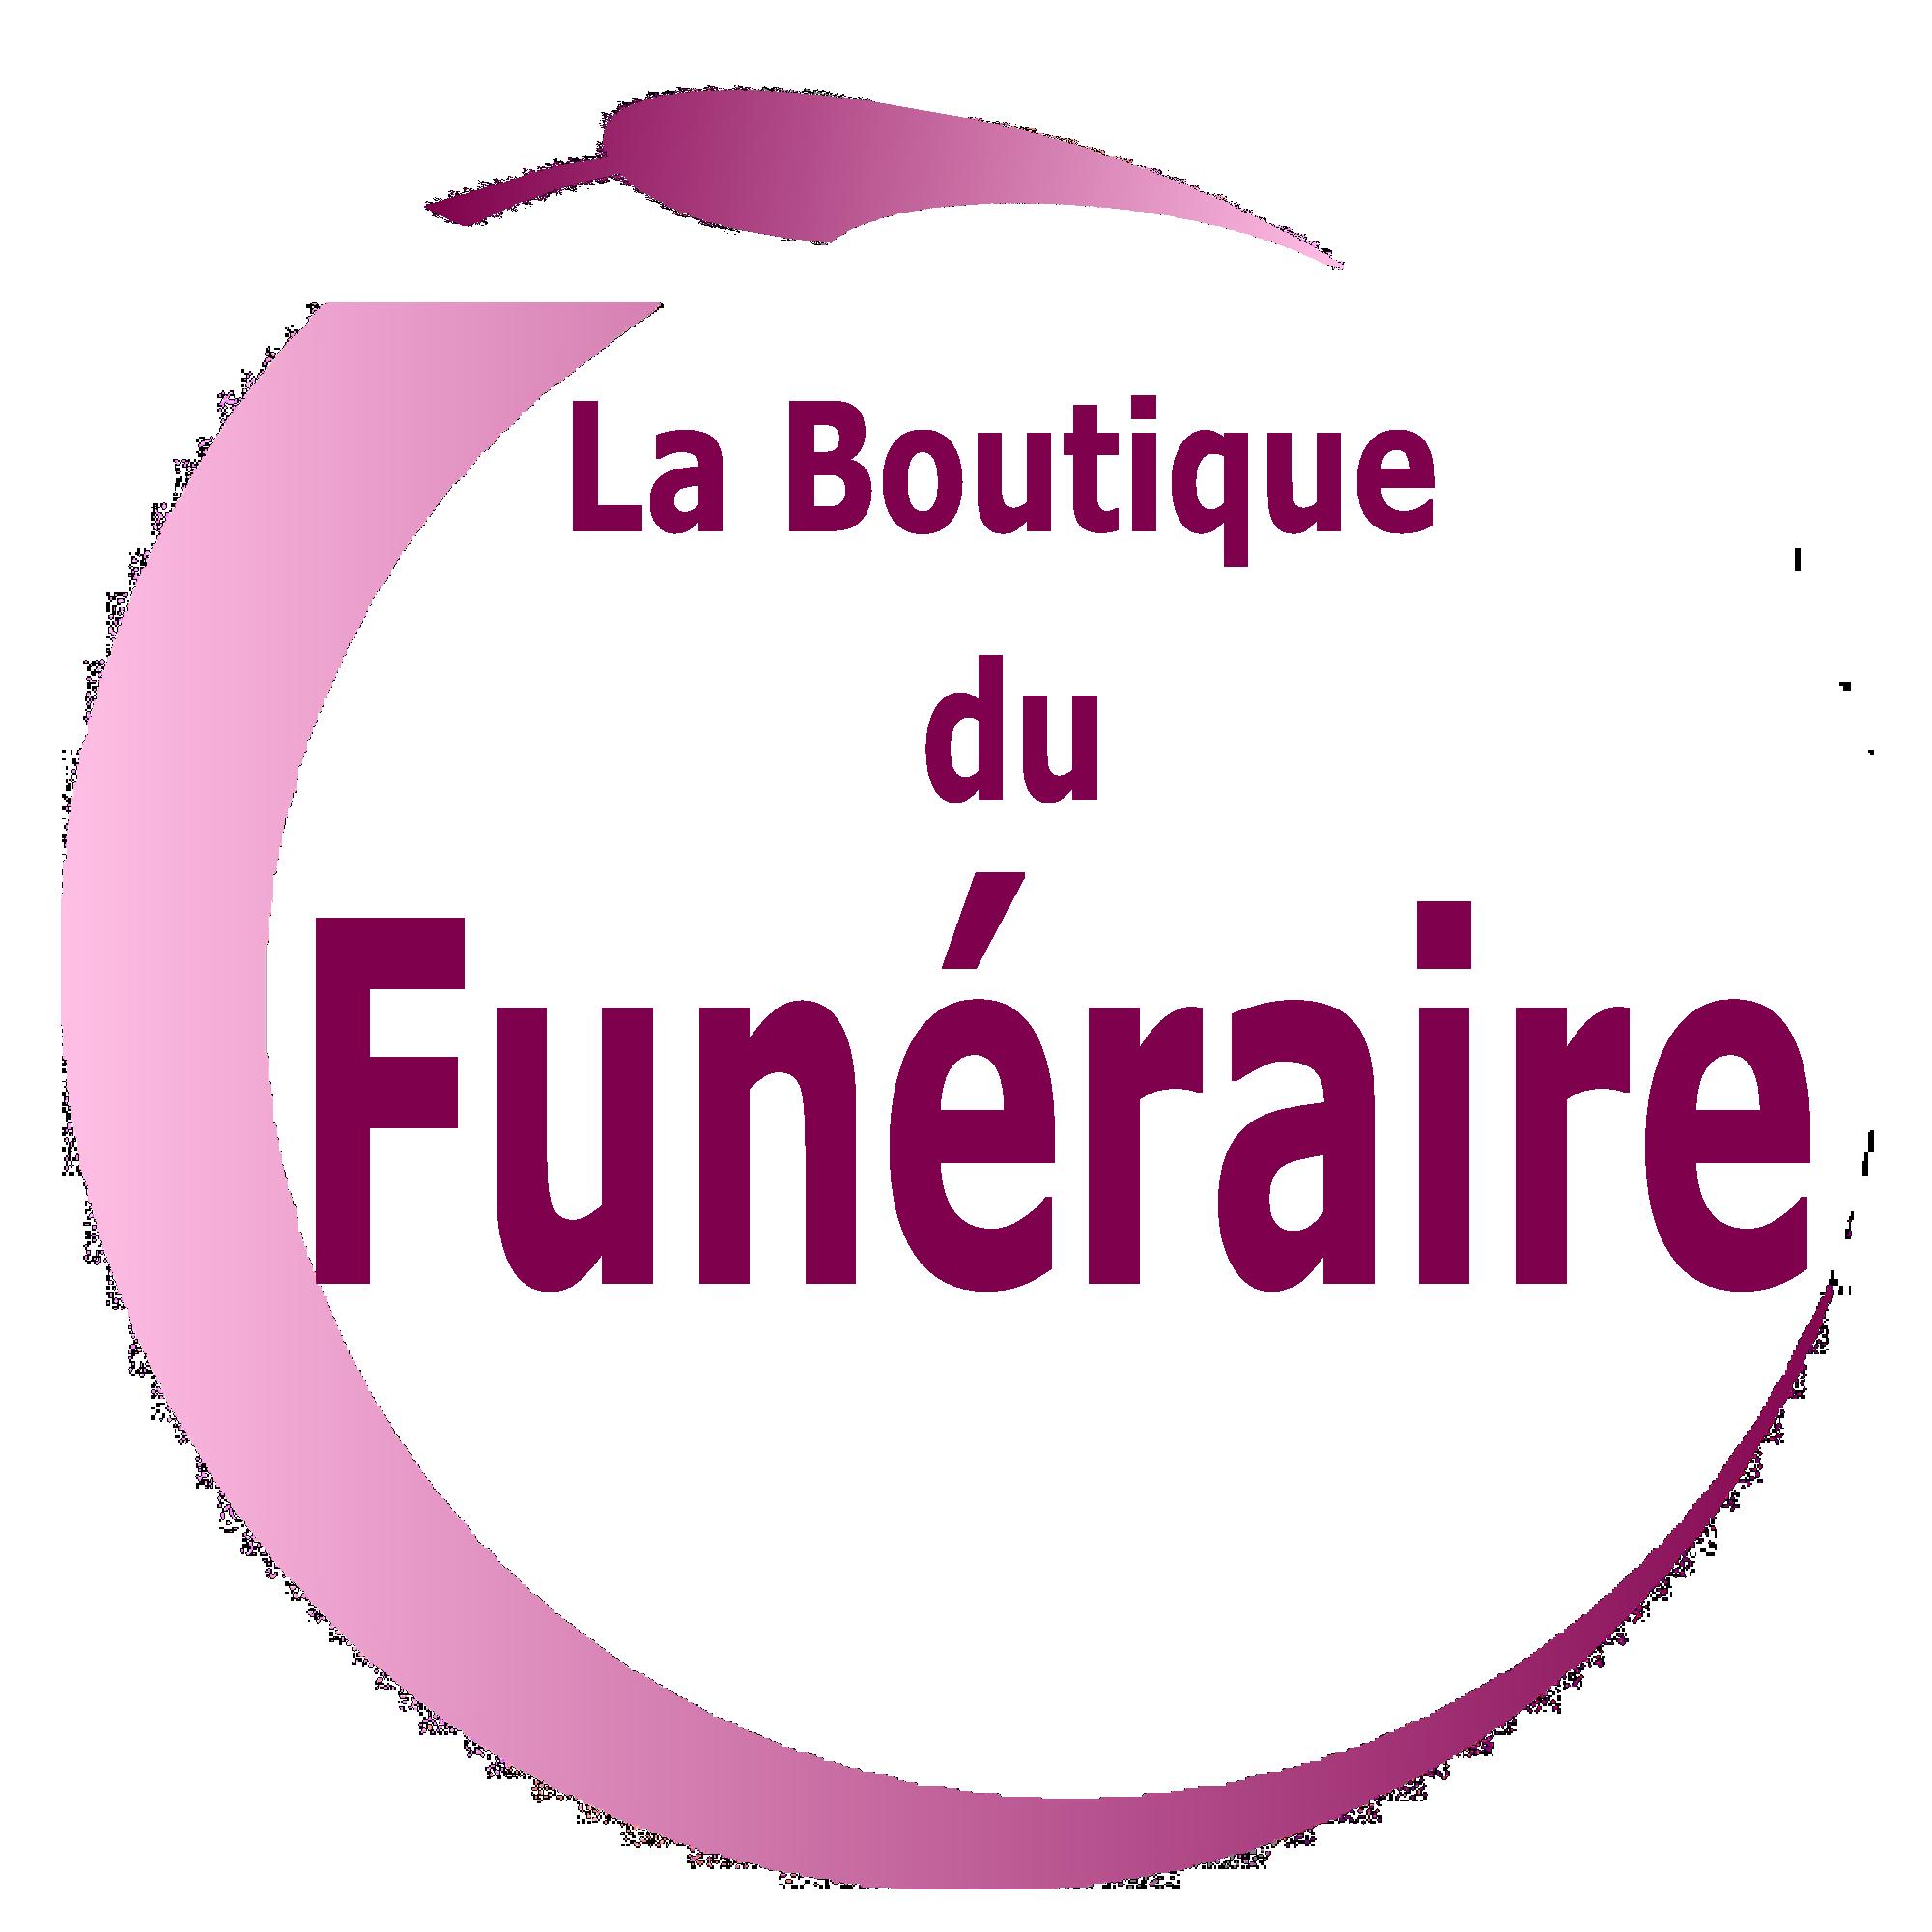 PLAQUE FUNÉRAIRE PERSONNALISÉE SAINT-OUEN-SUR-MORIN 77 - plaque funéraire SAINT-OUEN-SUR-MORIN 77